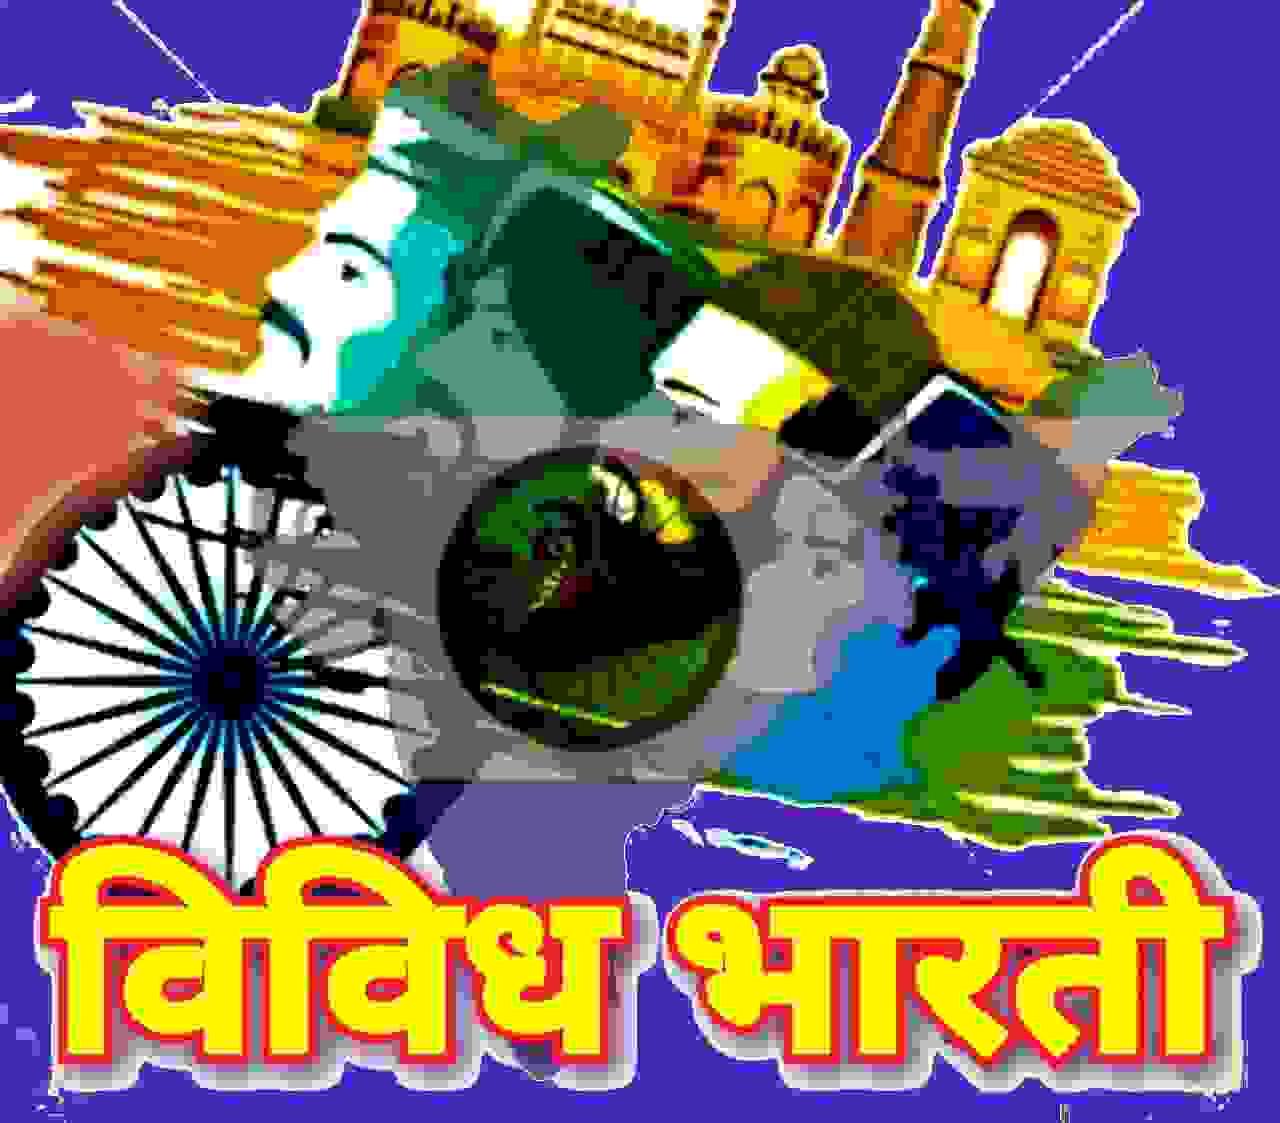 Vividh Bharati